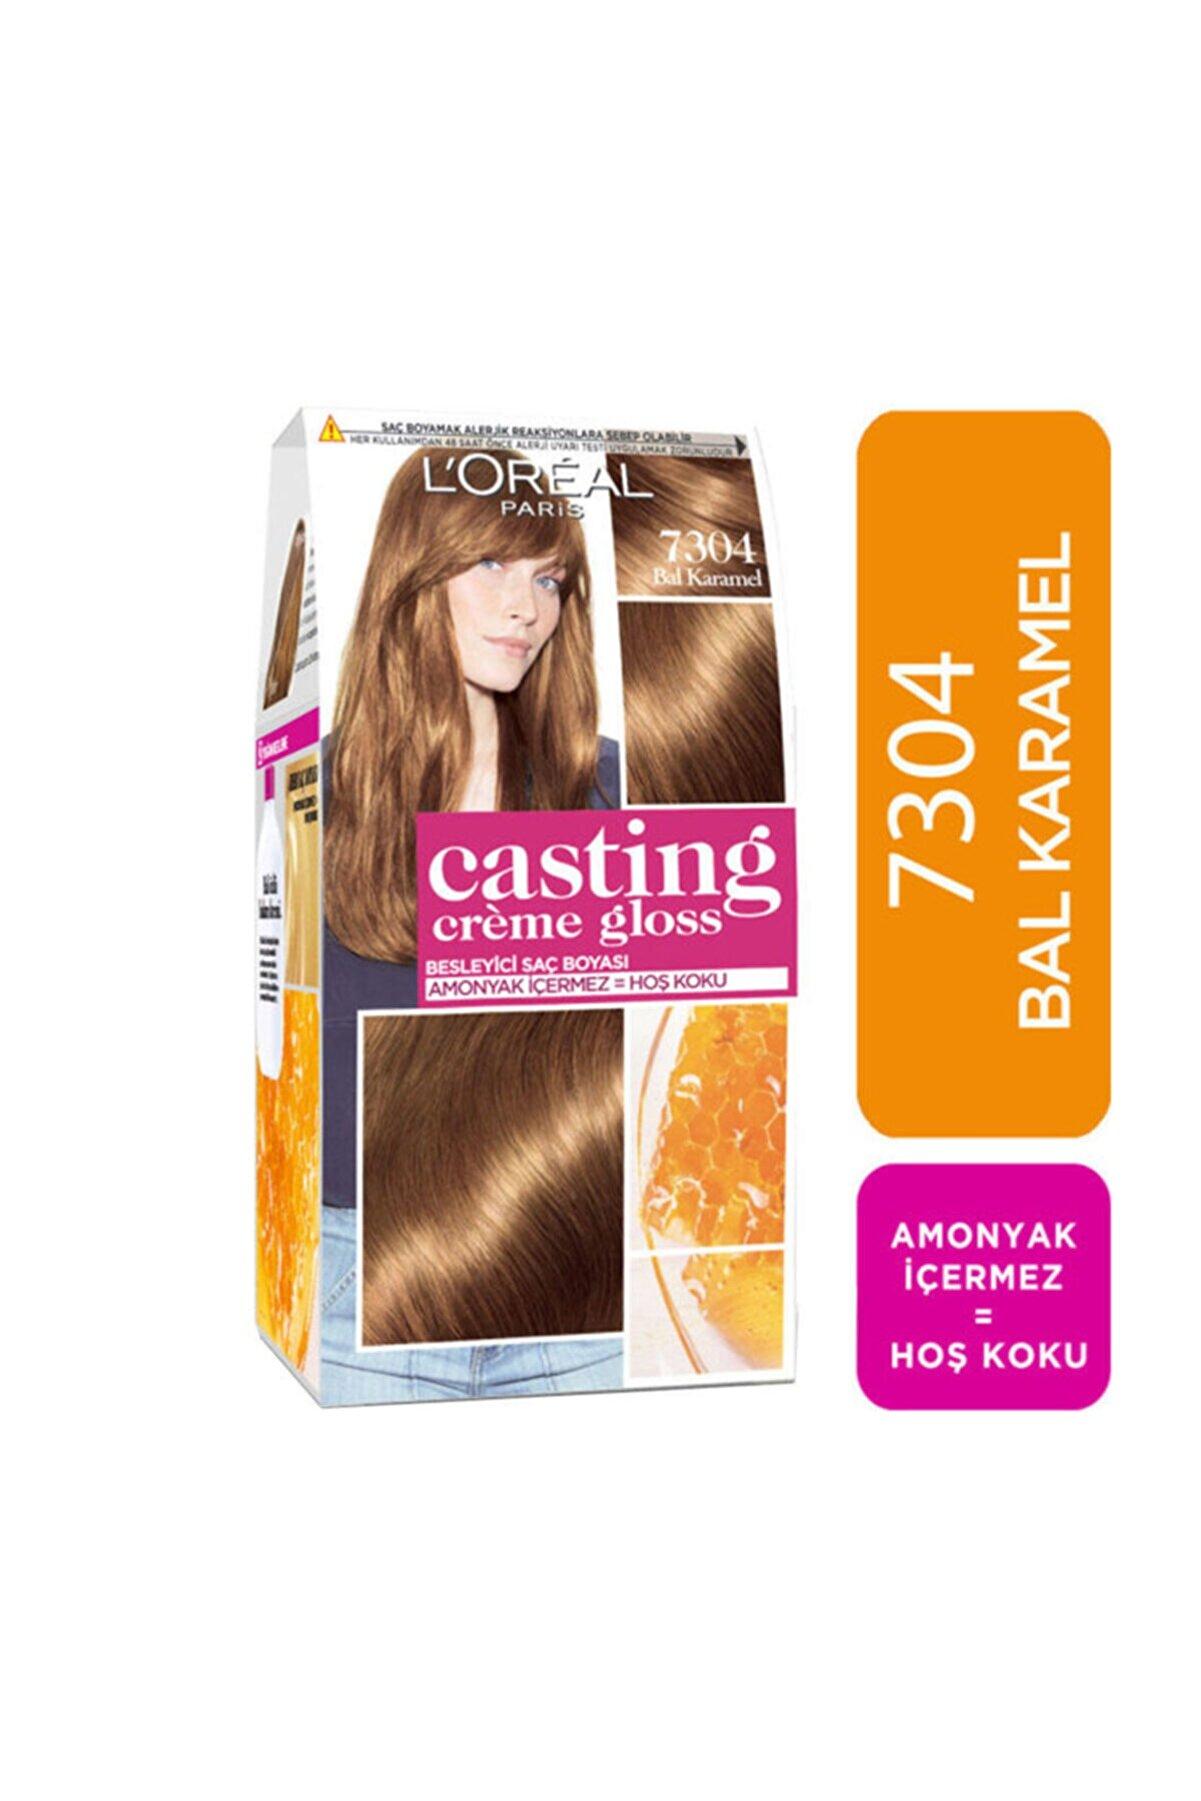 L'Oreal Paris Saç Boyası - Casting Creme Gloss 7304 Bal Karamel 3600523302871